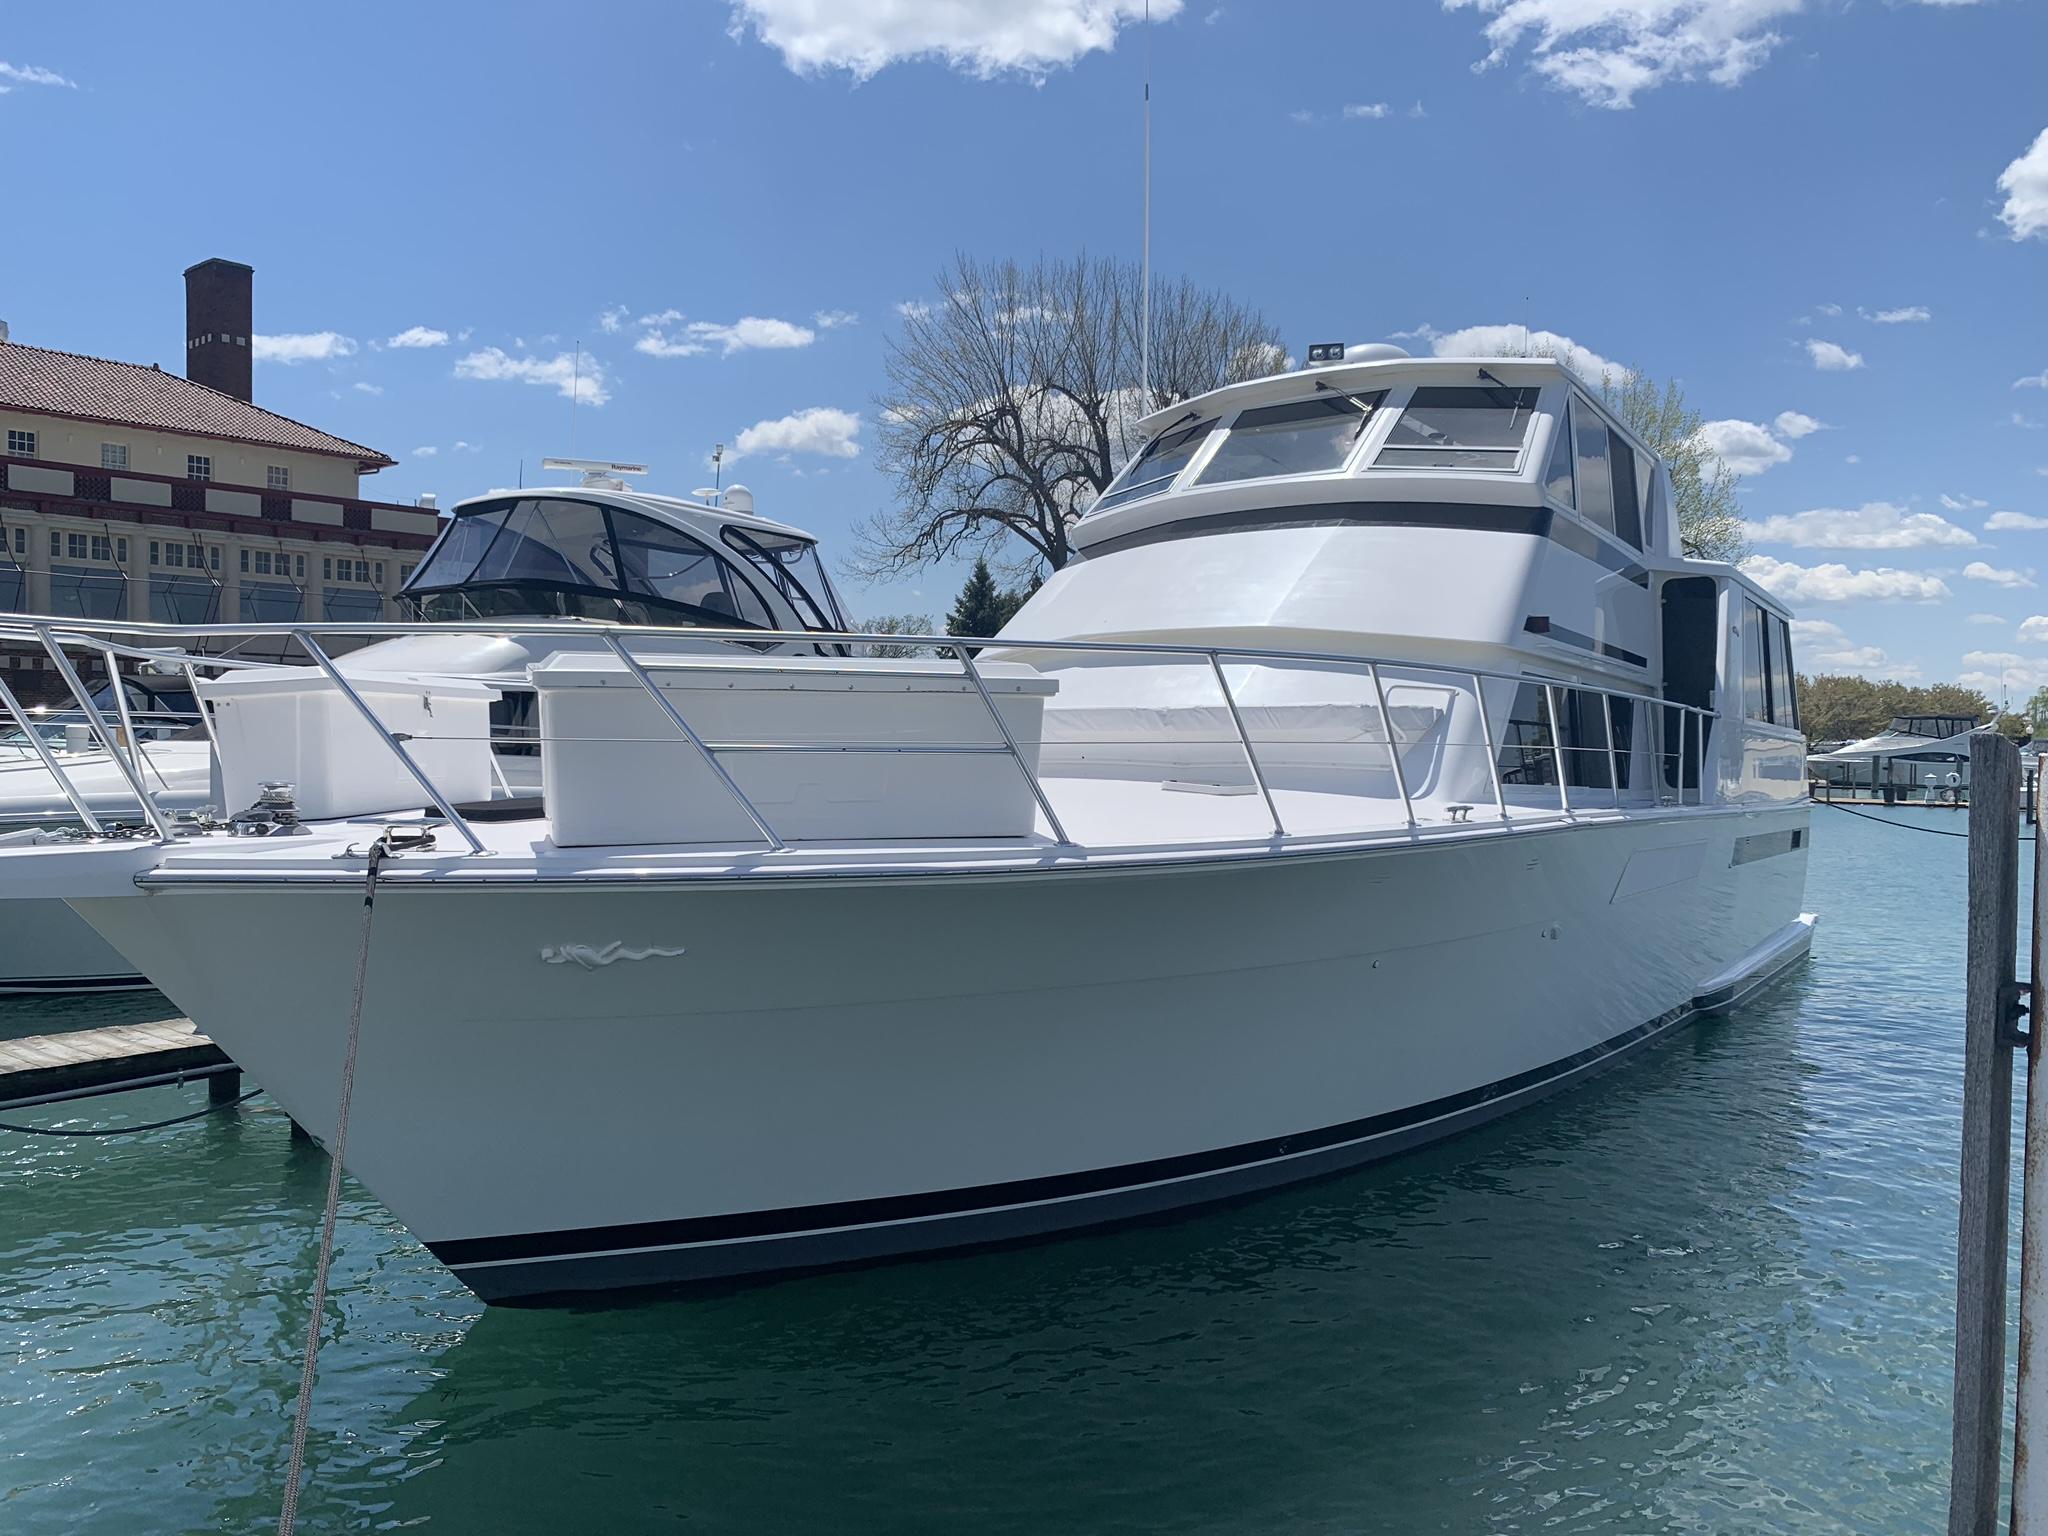 Viking 54 Motor Yacht Viking 54 Main